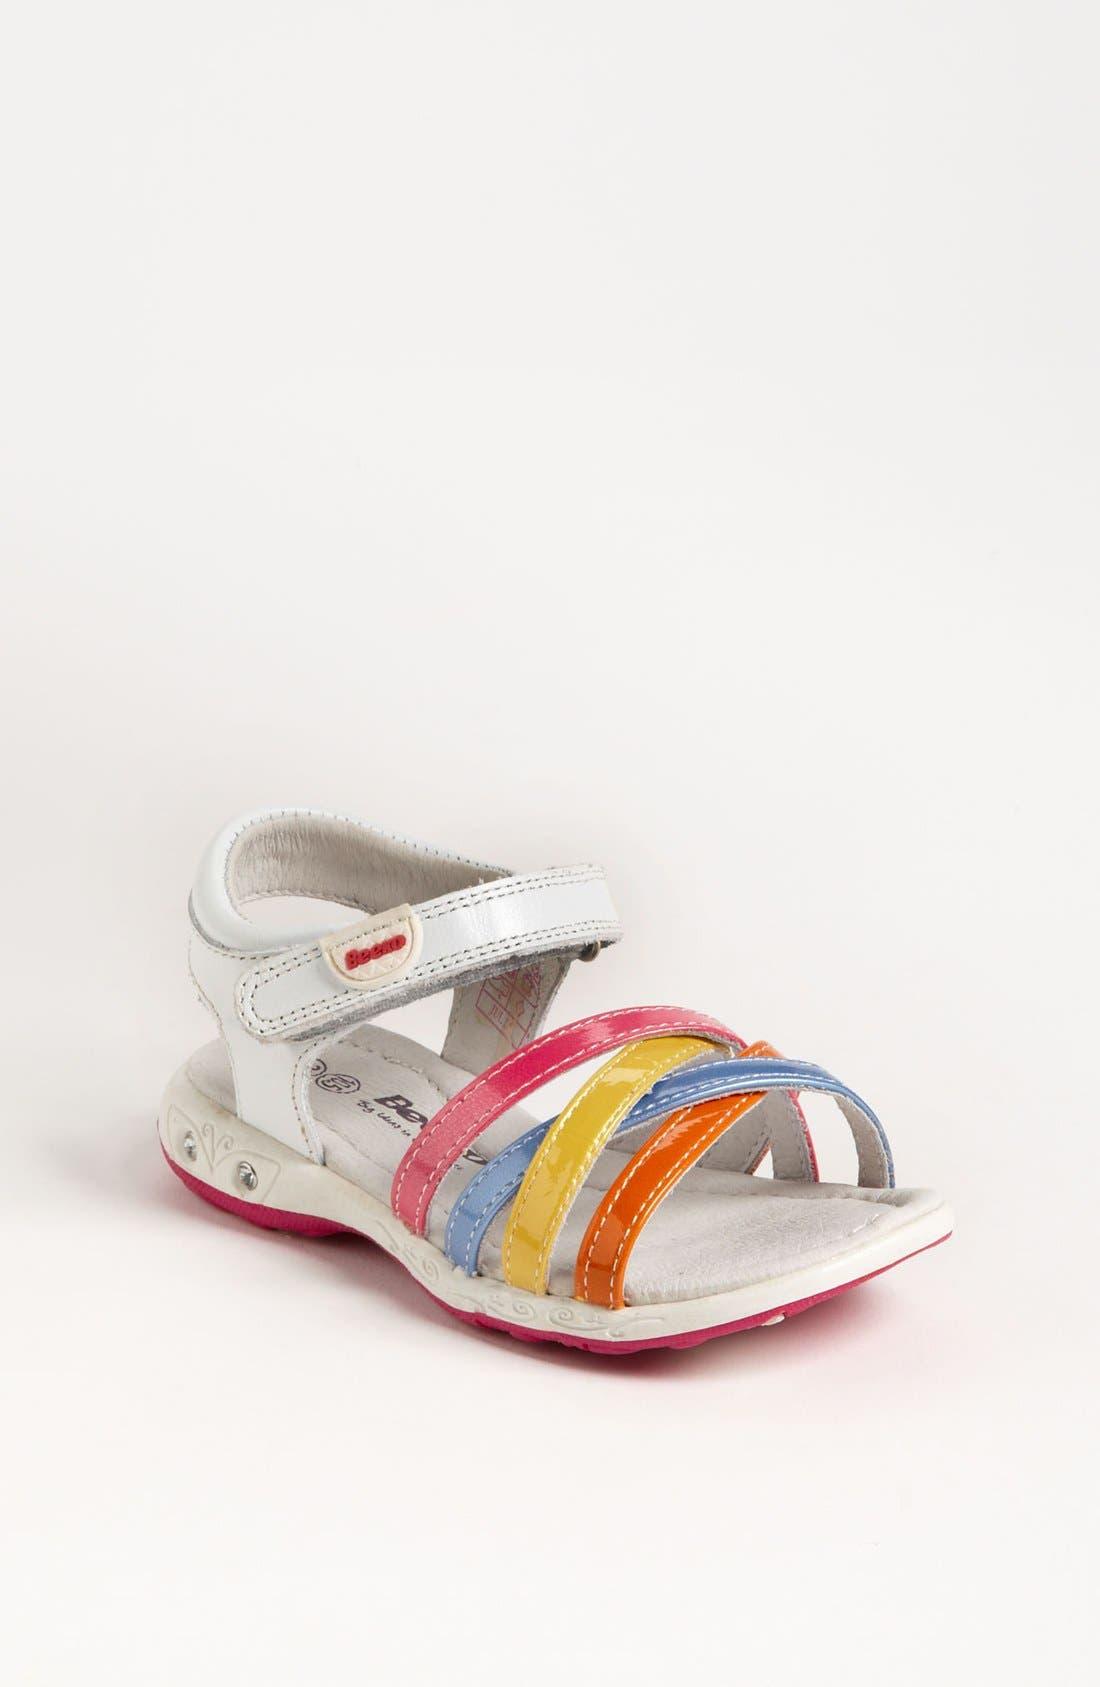 Main Image - Beeko 'Julia' Sandal (Toddler)